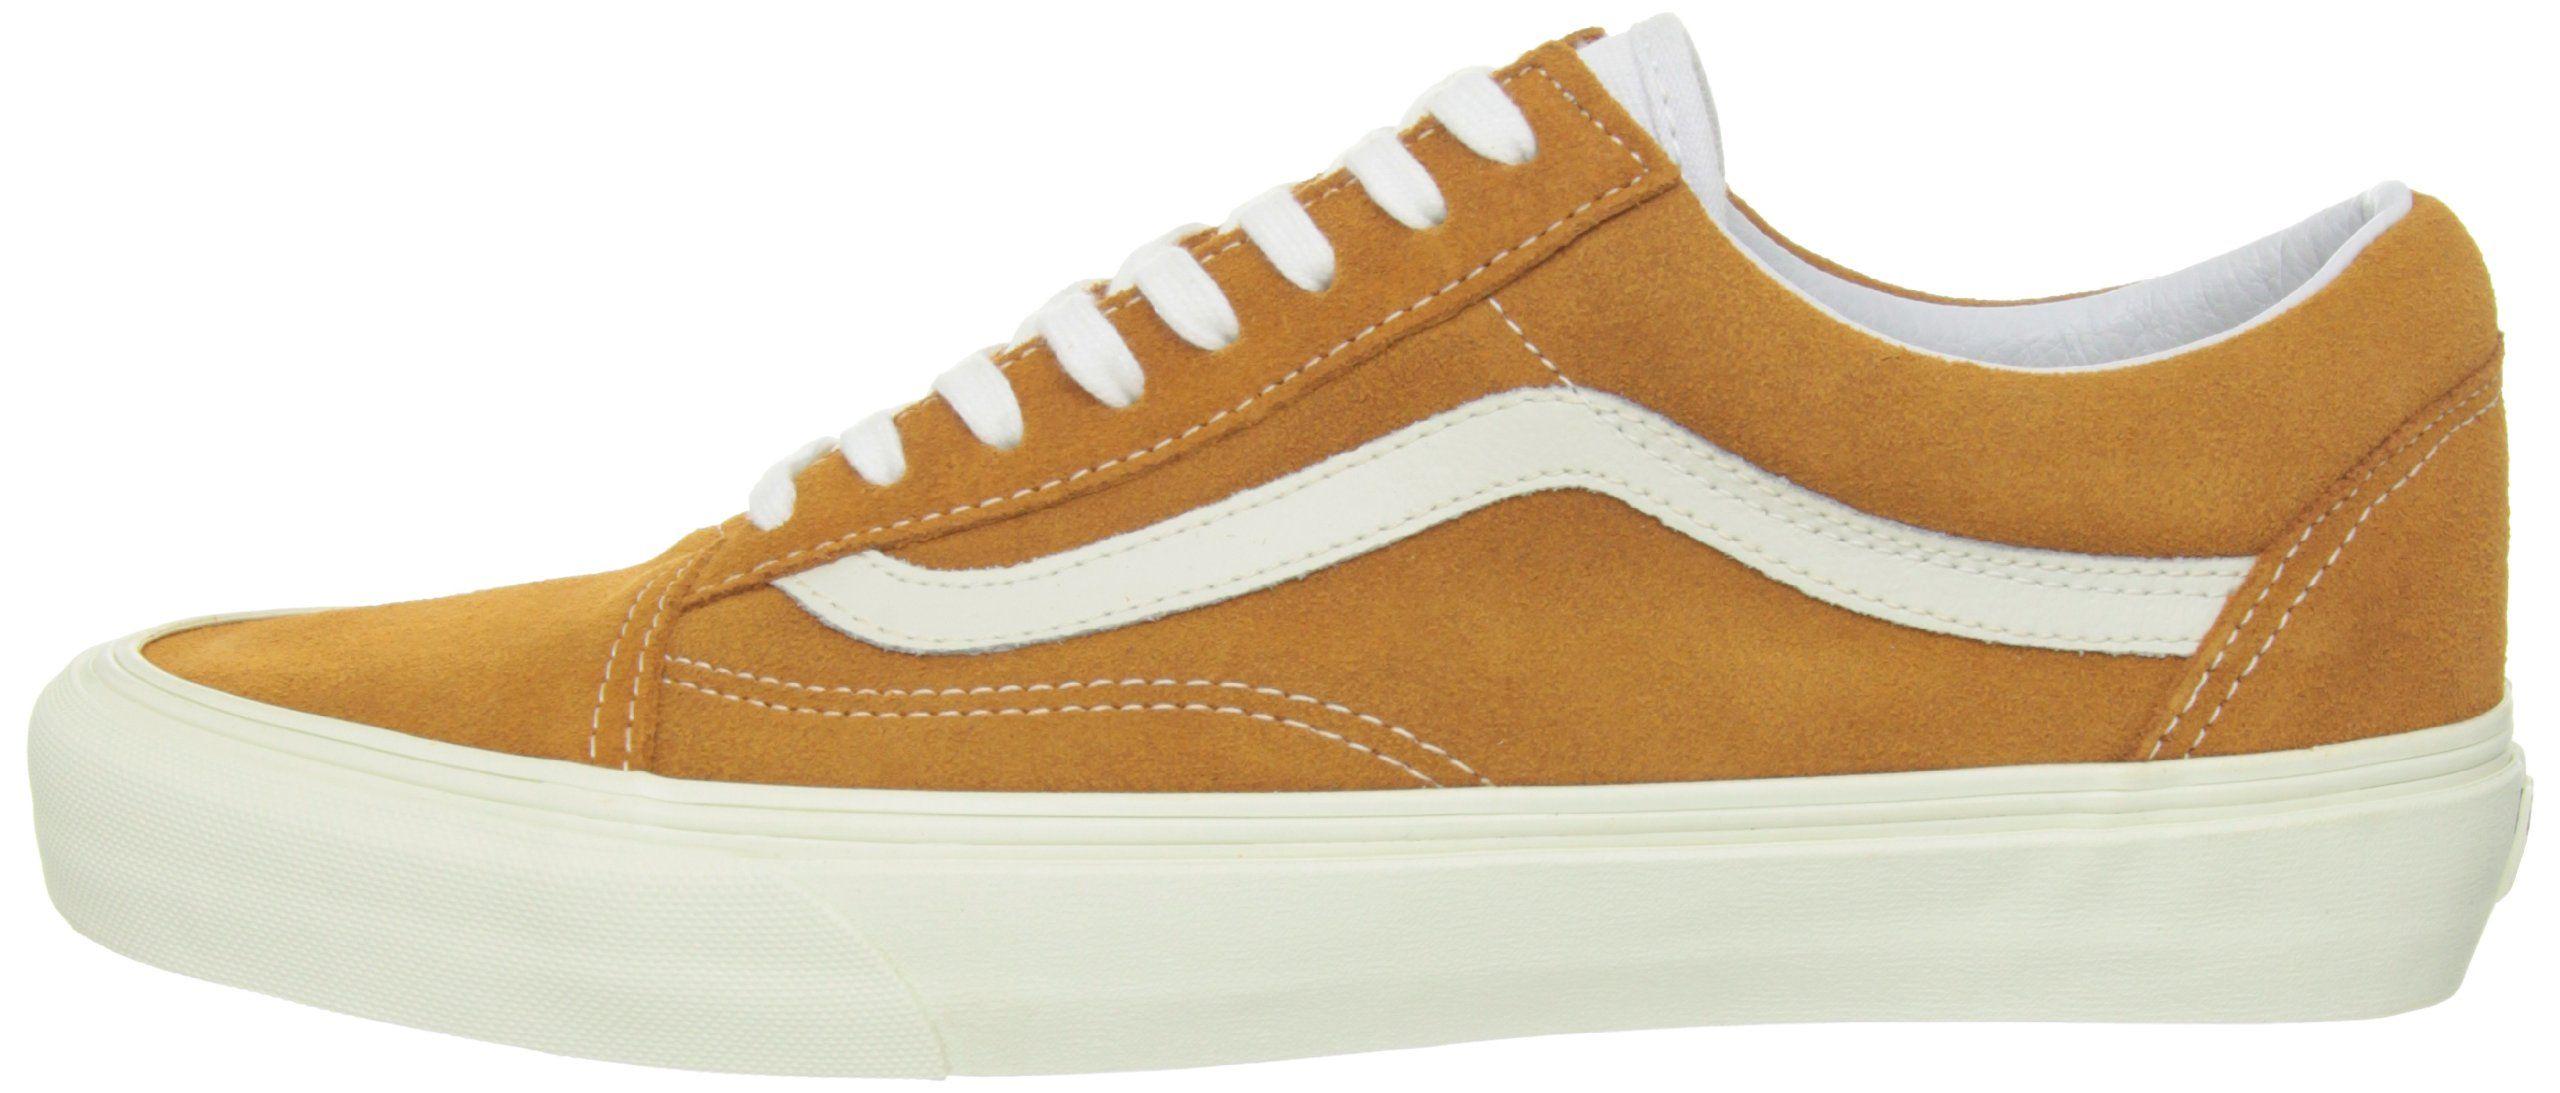 56356bbd57492c vans shoe co   OFF37% Discounts